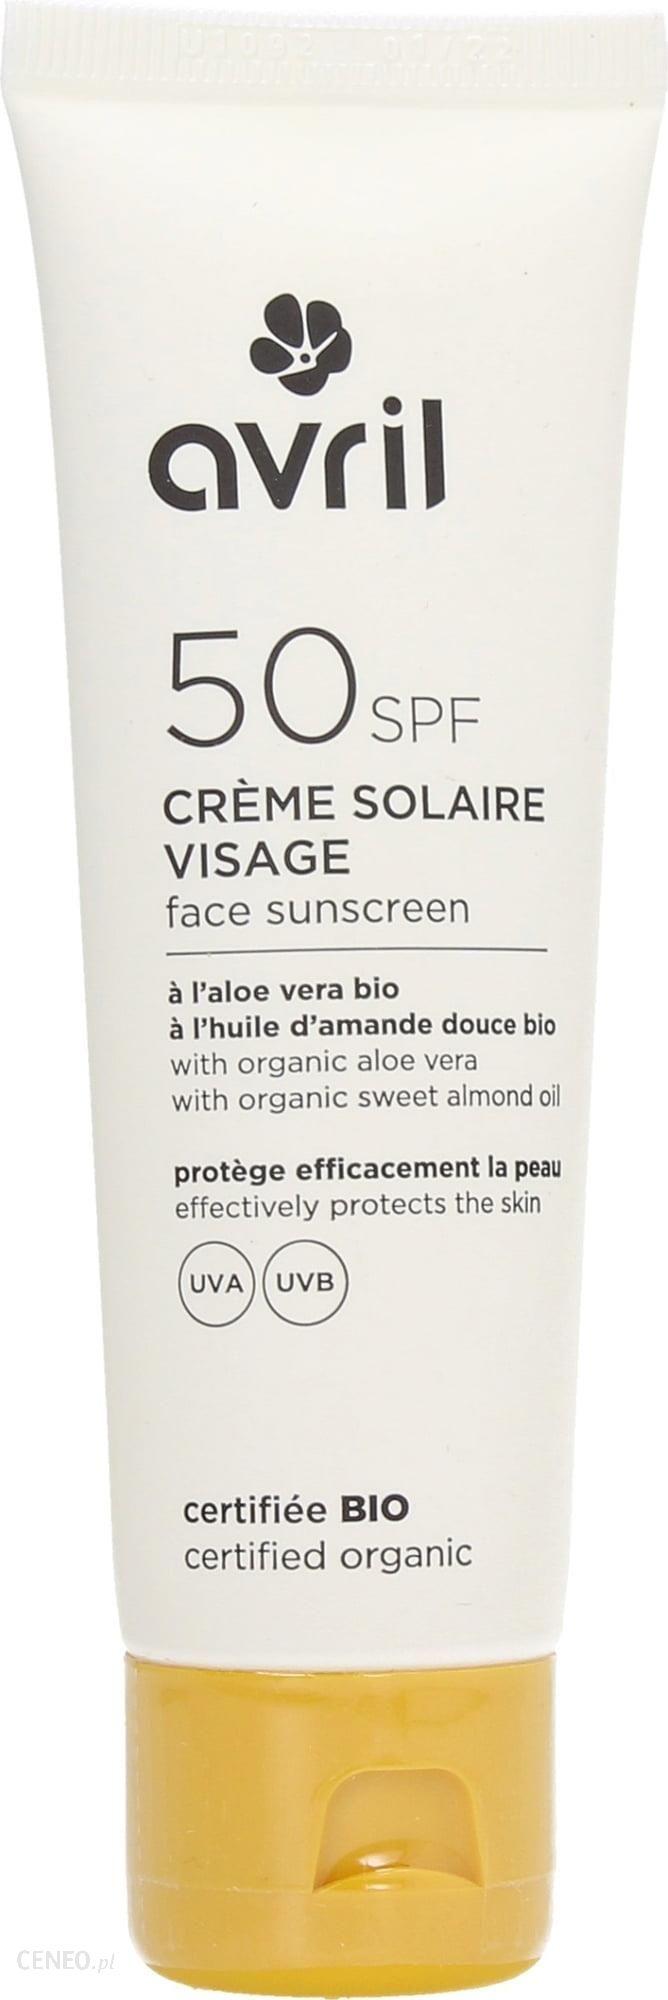 avril Face Sunscreen krem przeciwsłoneczny SPF 50 50ml